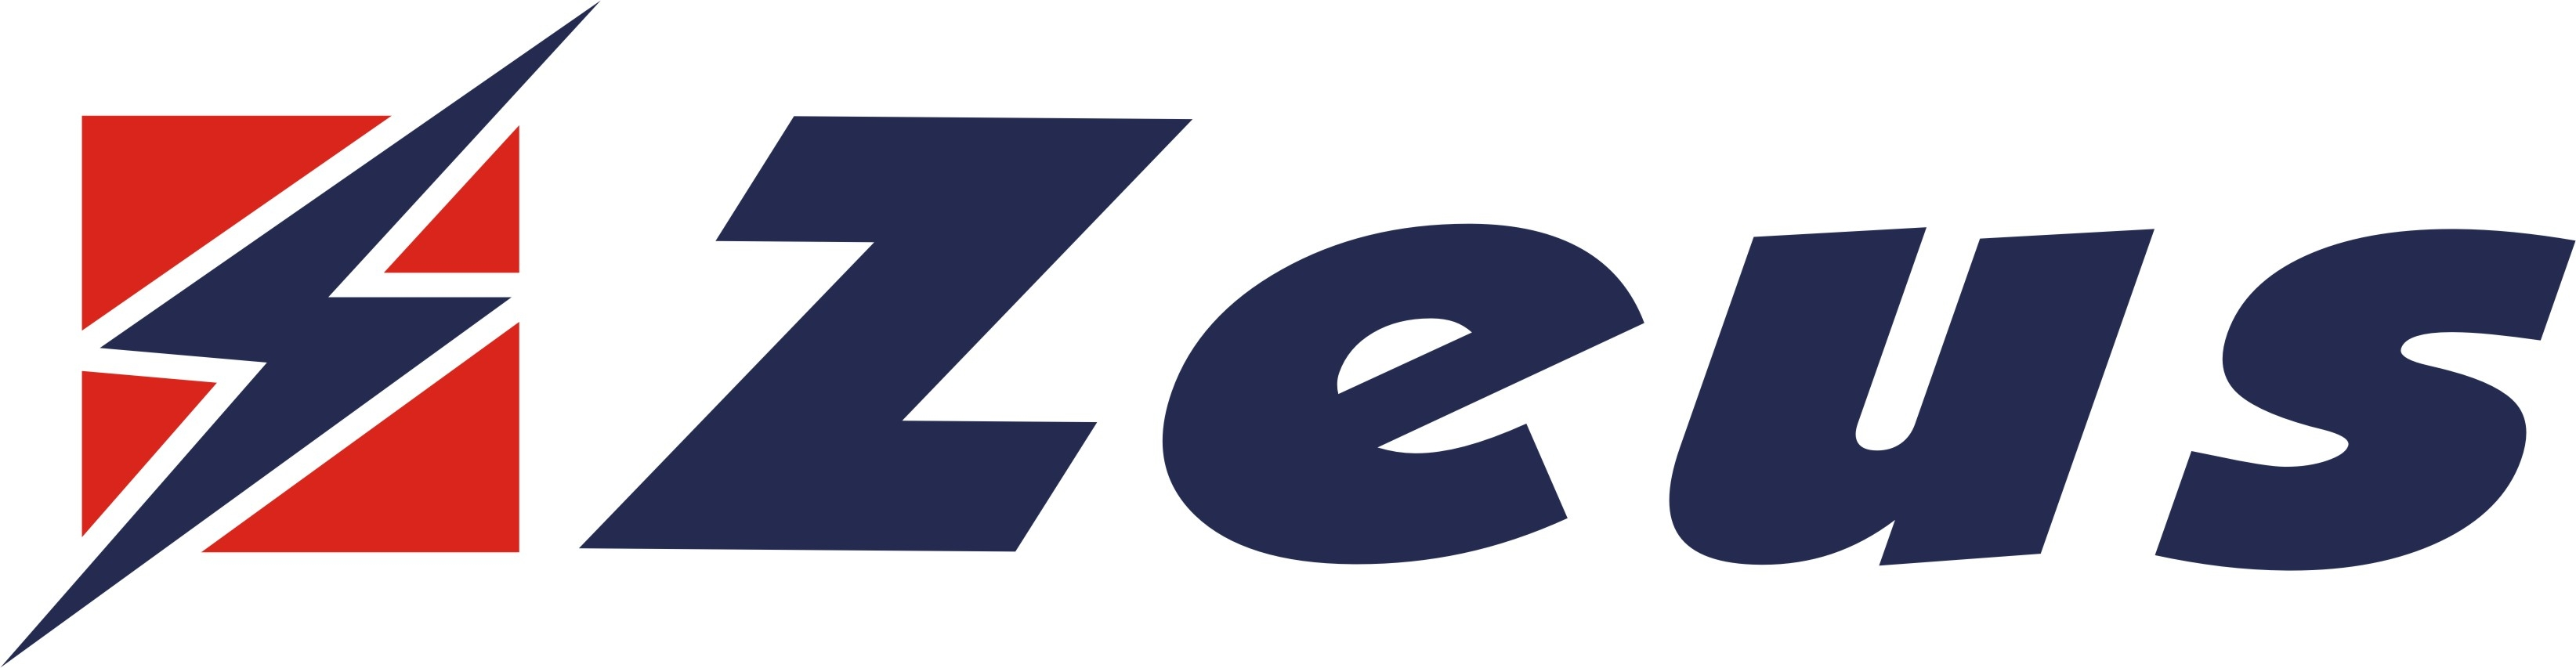 Zeus Sport